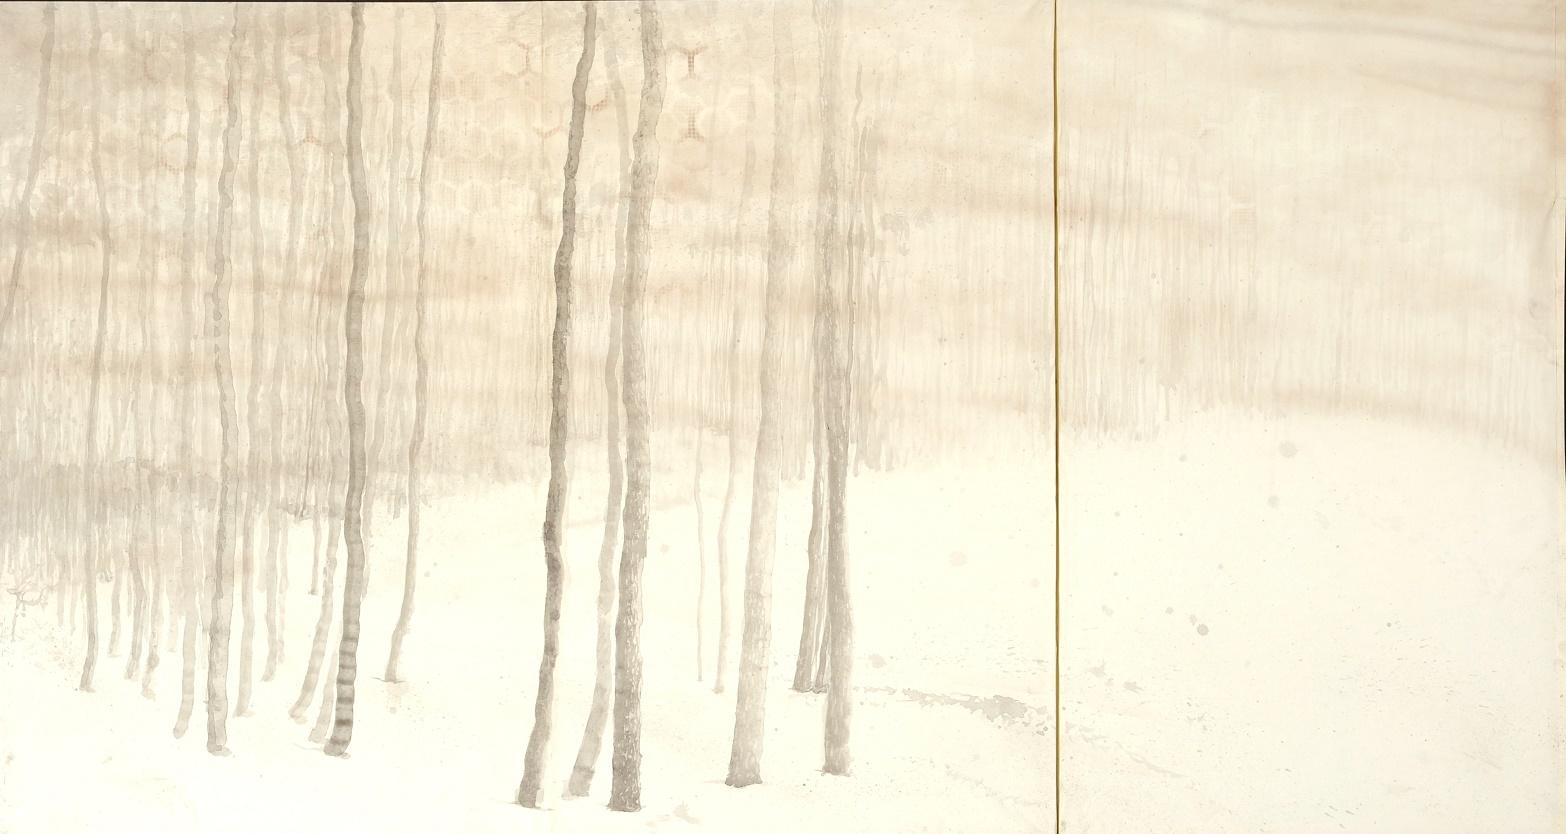 第70回滋賀県美術展覧会(平面の部)佳作「茂樹」